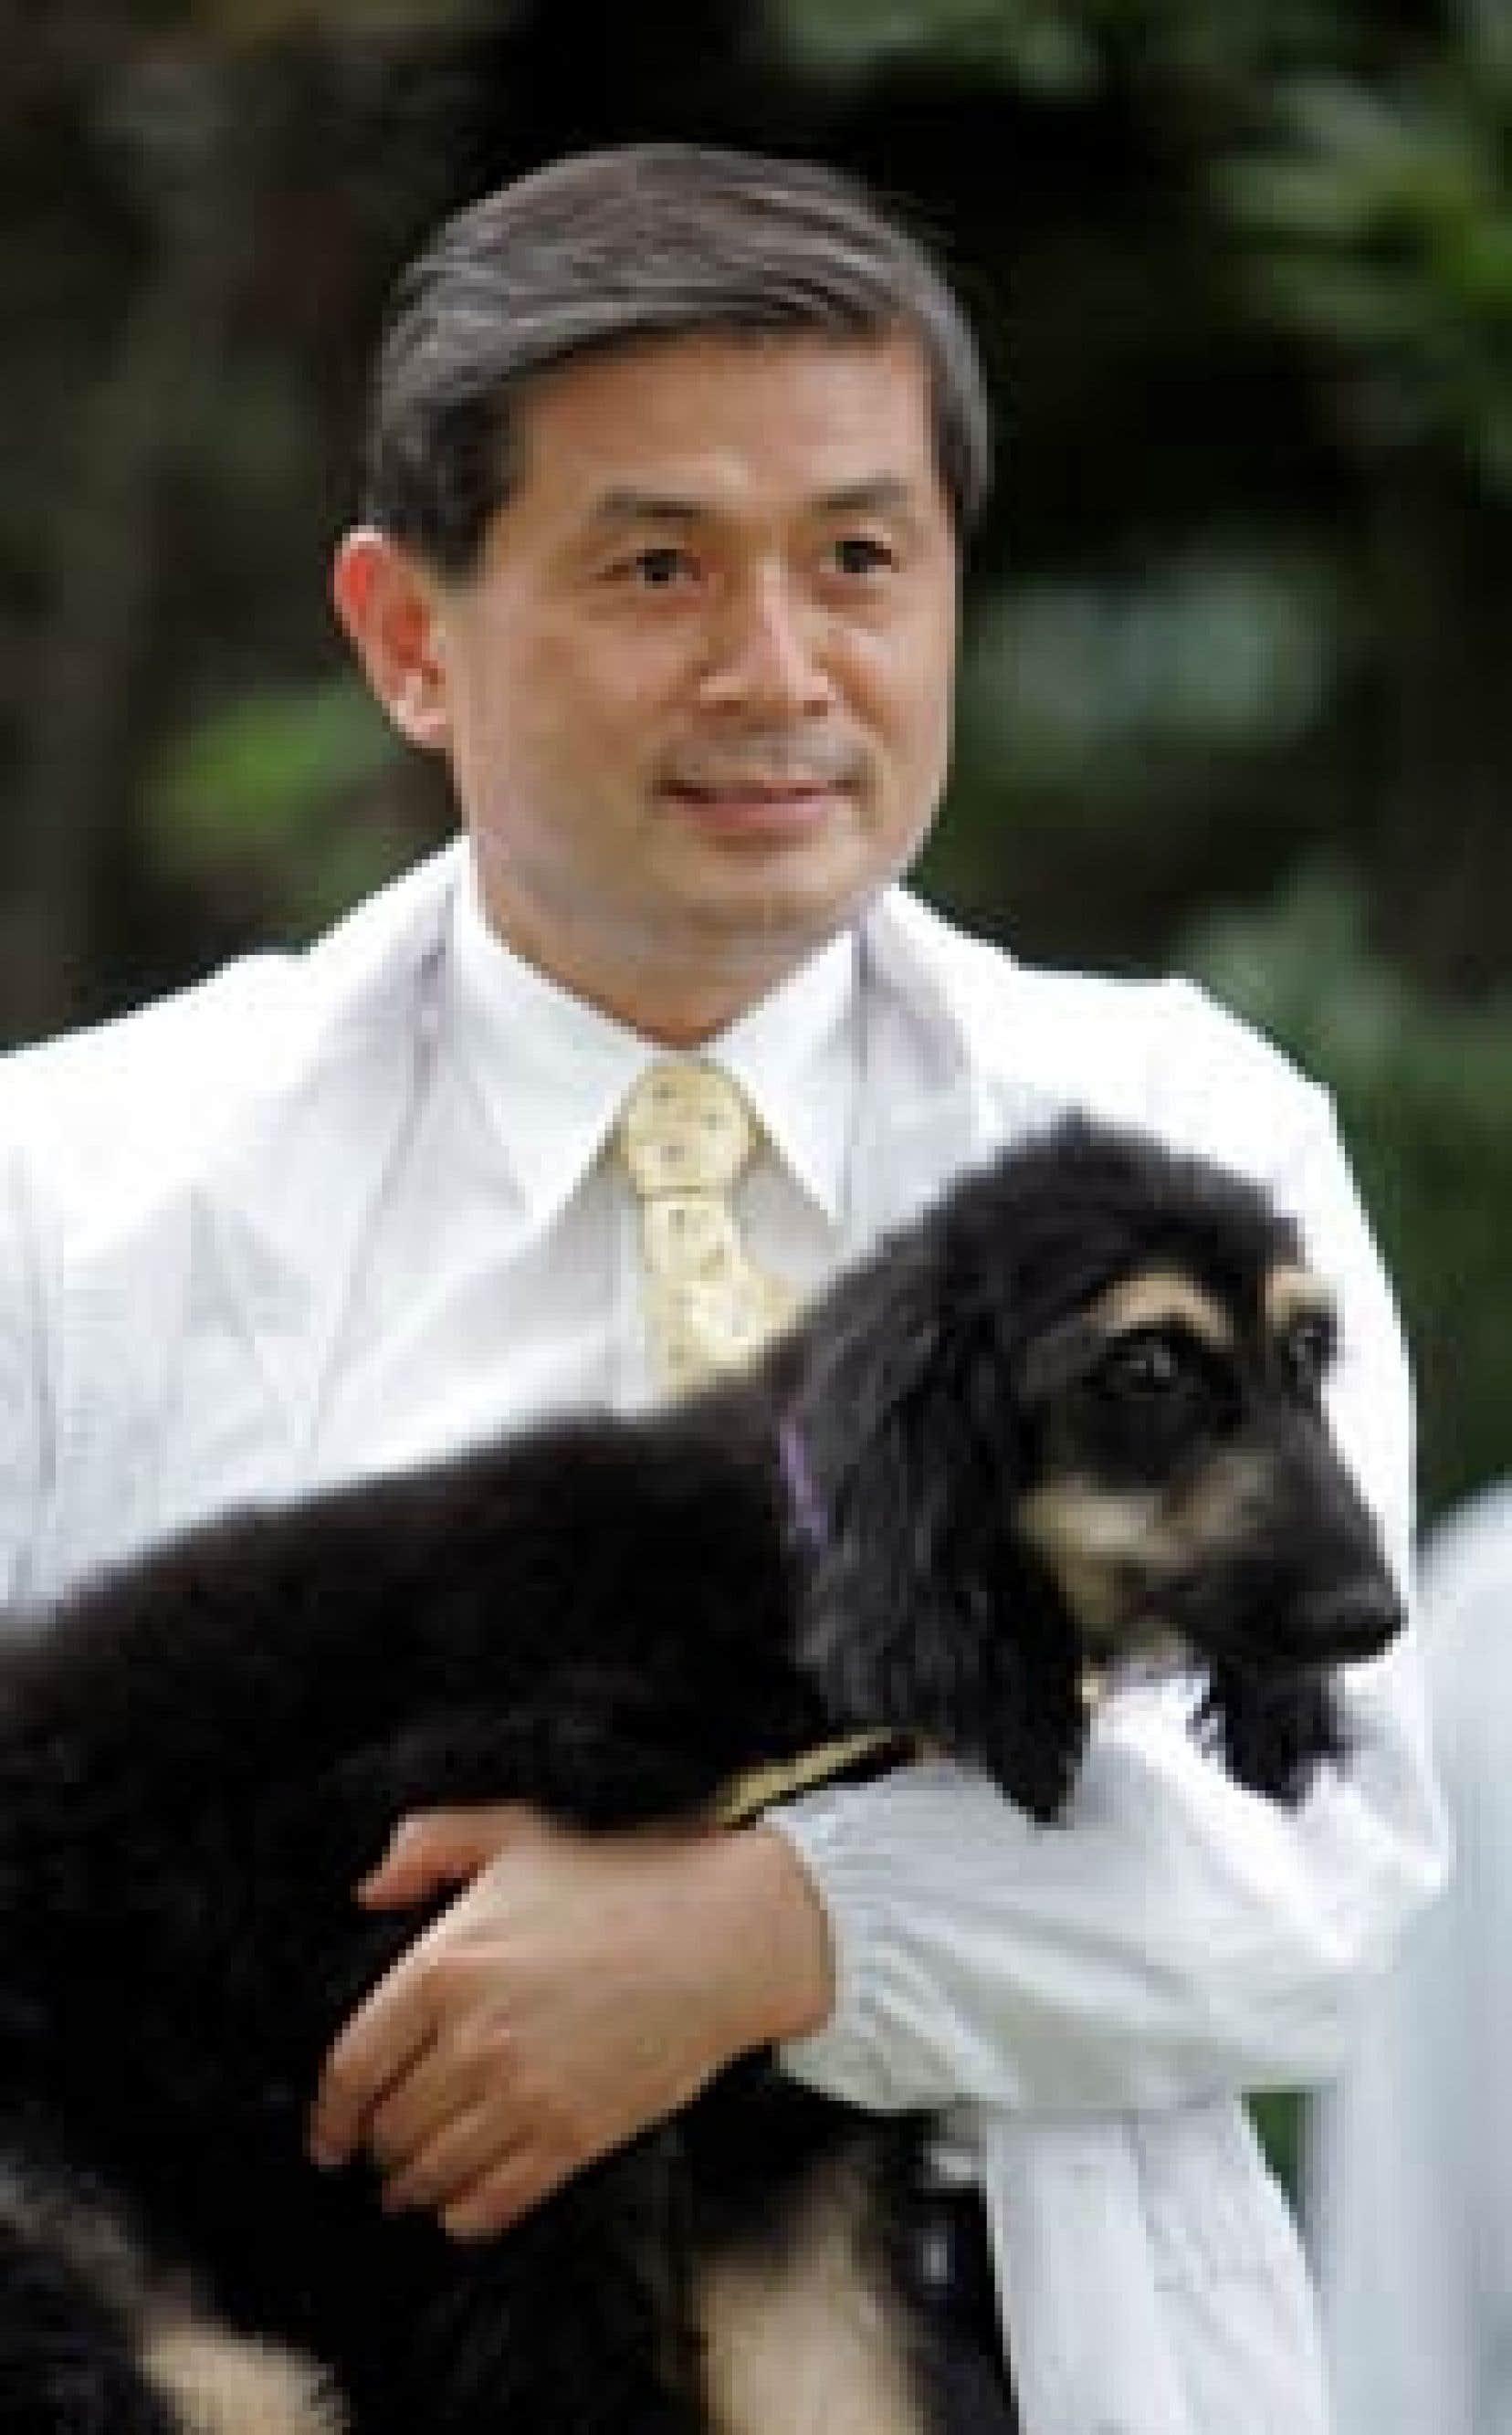 La commission d'enquête se penchera maintenant sur des travaux effectués en 2004, portant sur le clonage des premiers embryons humains pour la recherche et sur le premier chien cloné, un lévrier afghan baptisé Snuppy.